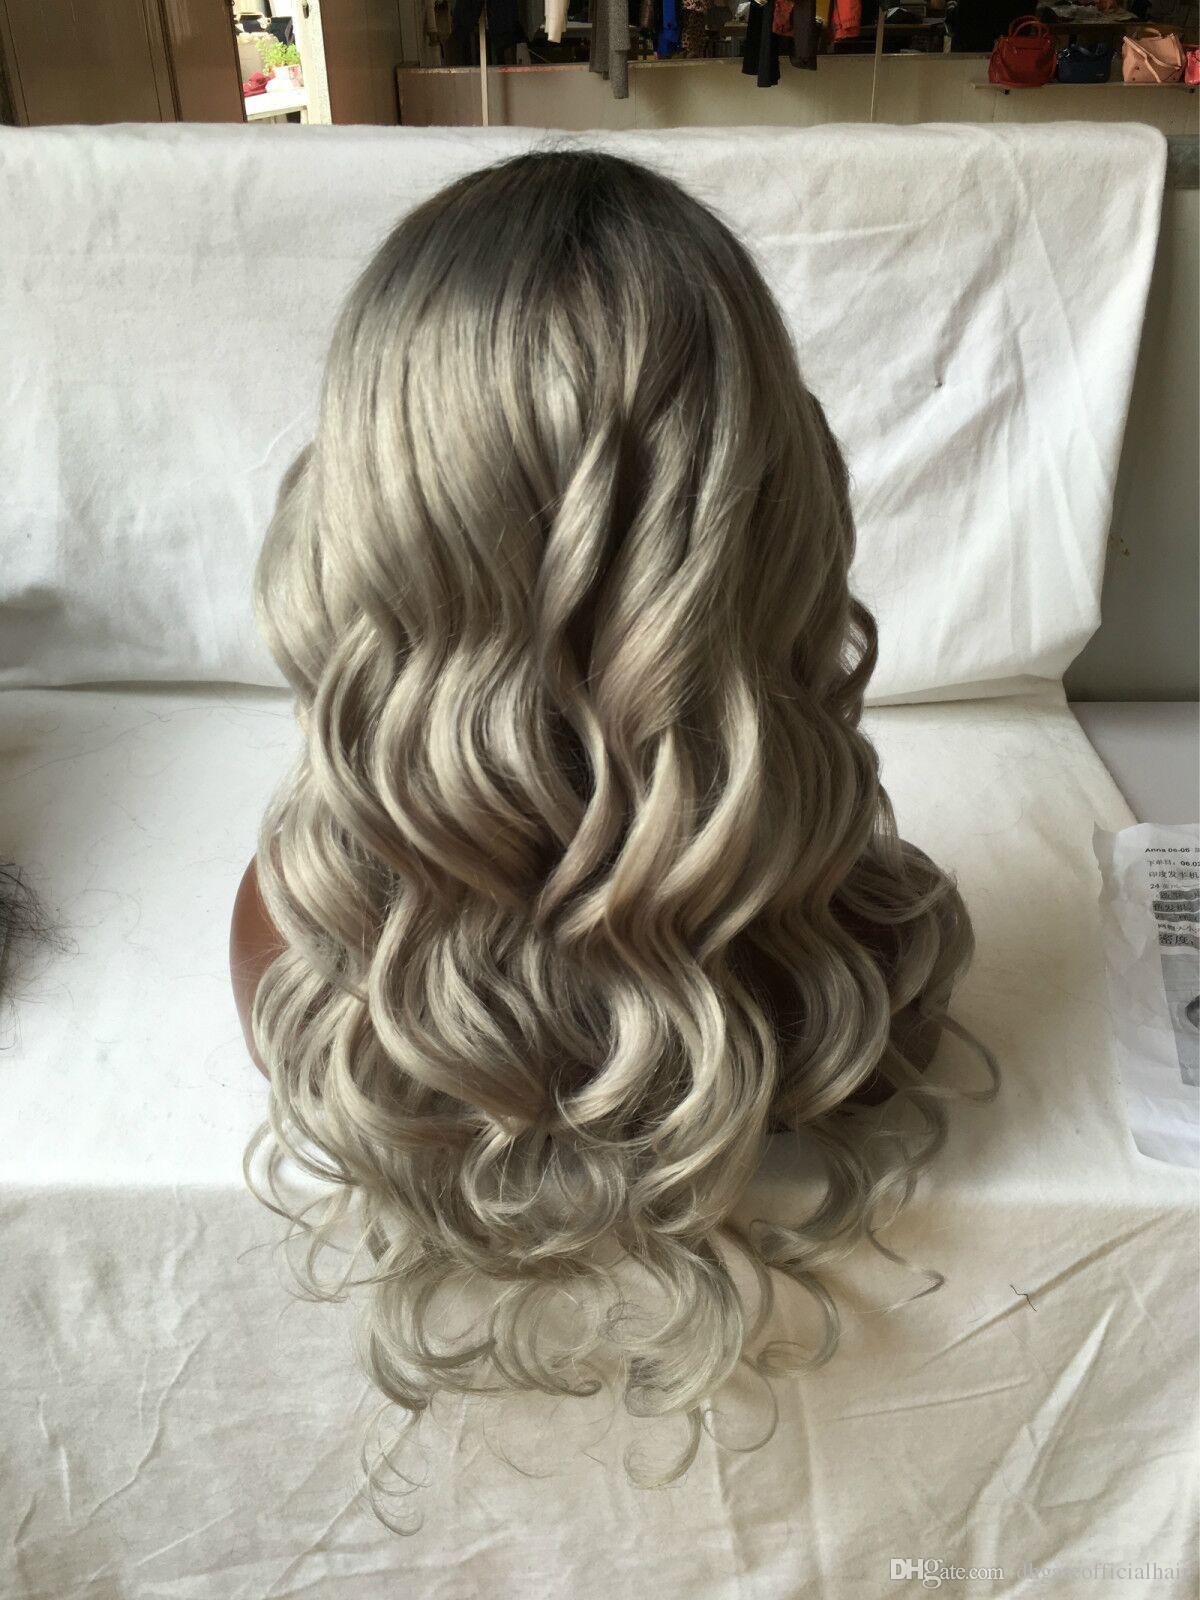 Wavy Sliver Grey Lace Front perruque de cheveux humains pleine perruque de lacet naturel humain argent gris sans colle pleine perruque de dentelle avec frange